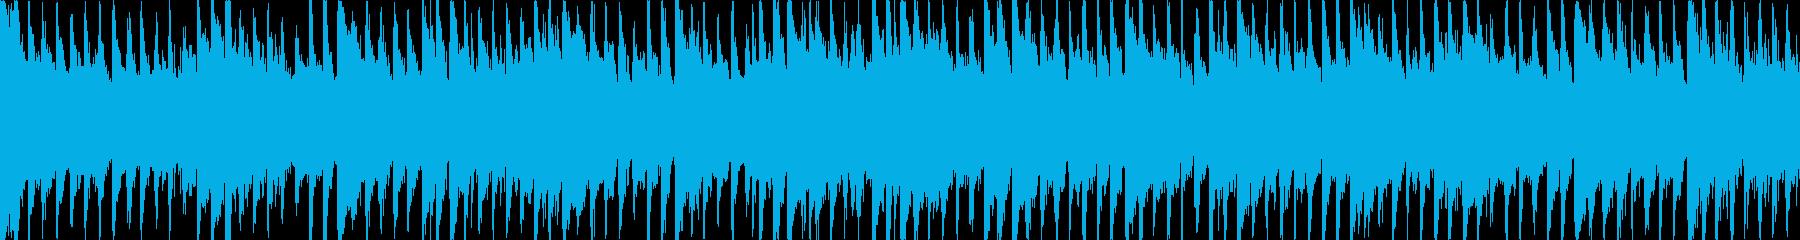 マンドリン、グロッケンシュピール、...の再生済みの波形